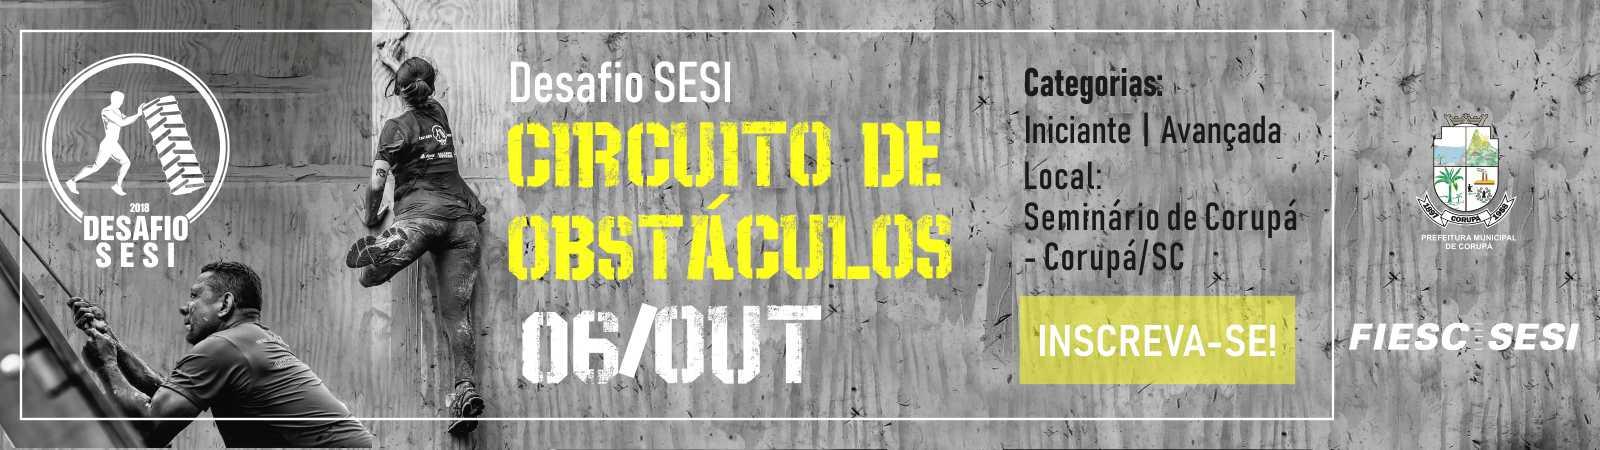 DESAFIO SESI 2018 - CIRCUITO DE OBSTÁCULOS